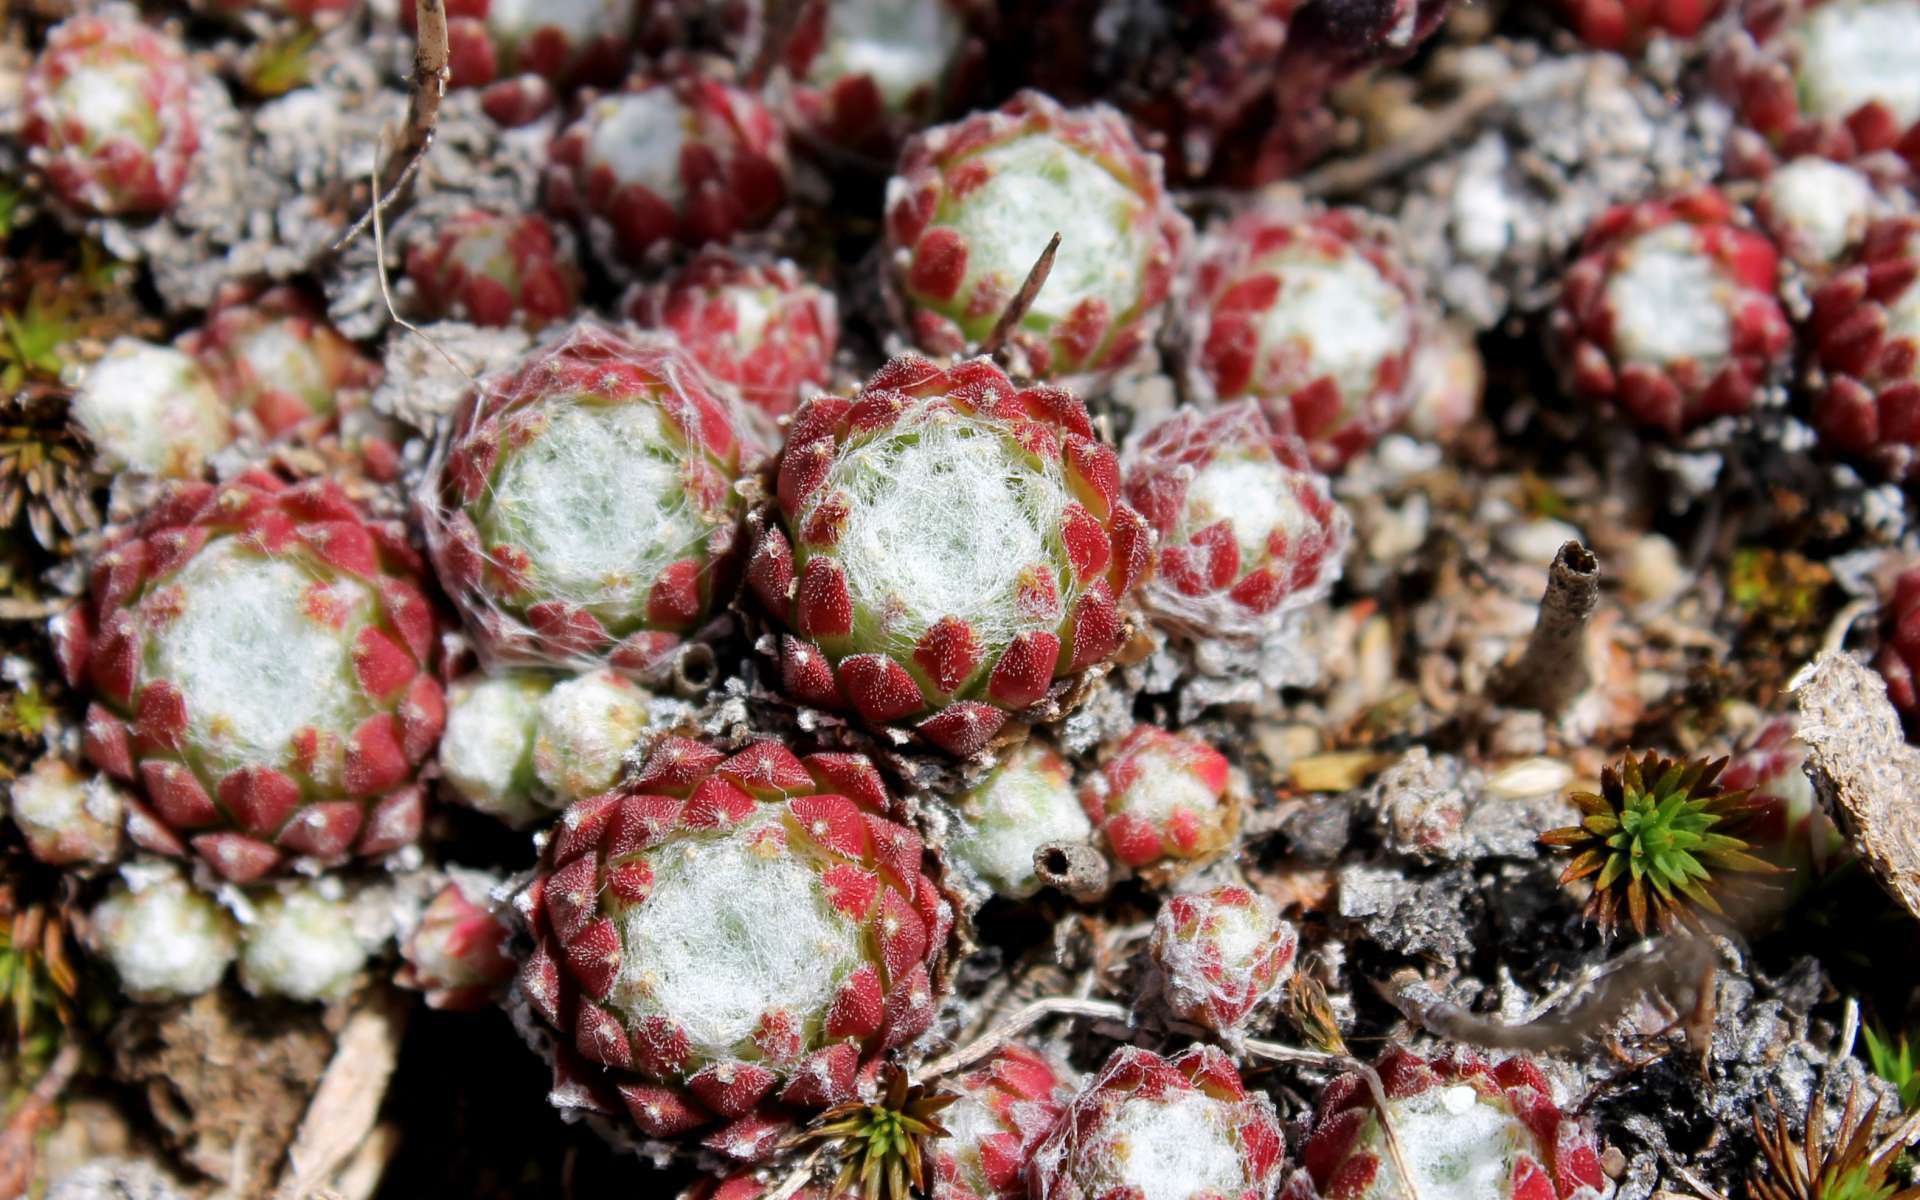 Joubarbe aranéeuse - rosettes de feuilles avec poils en toile d'araignée (Crédits : Léa Charbonnier)